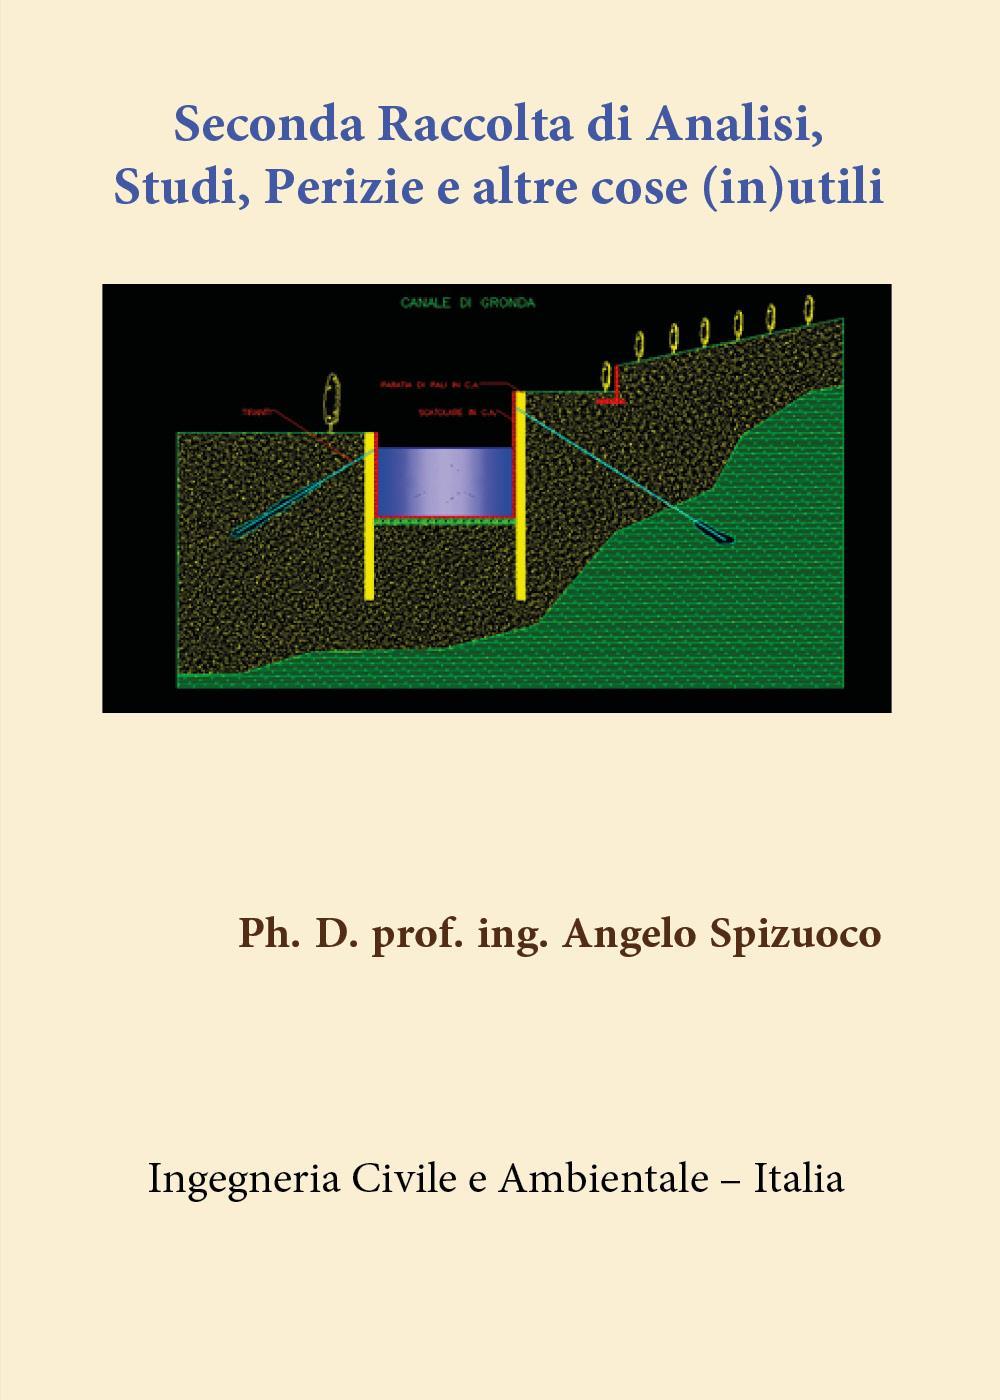 Seconda Raccolta di Analisi Studi, Perizie e altre cose (in)utili